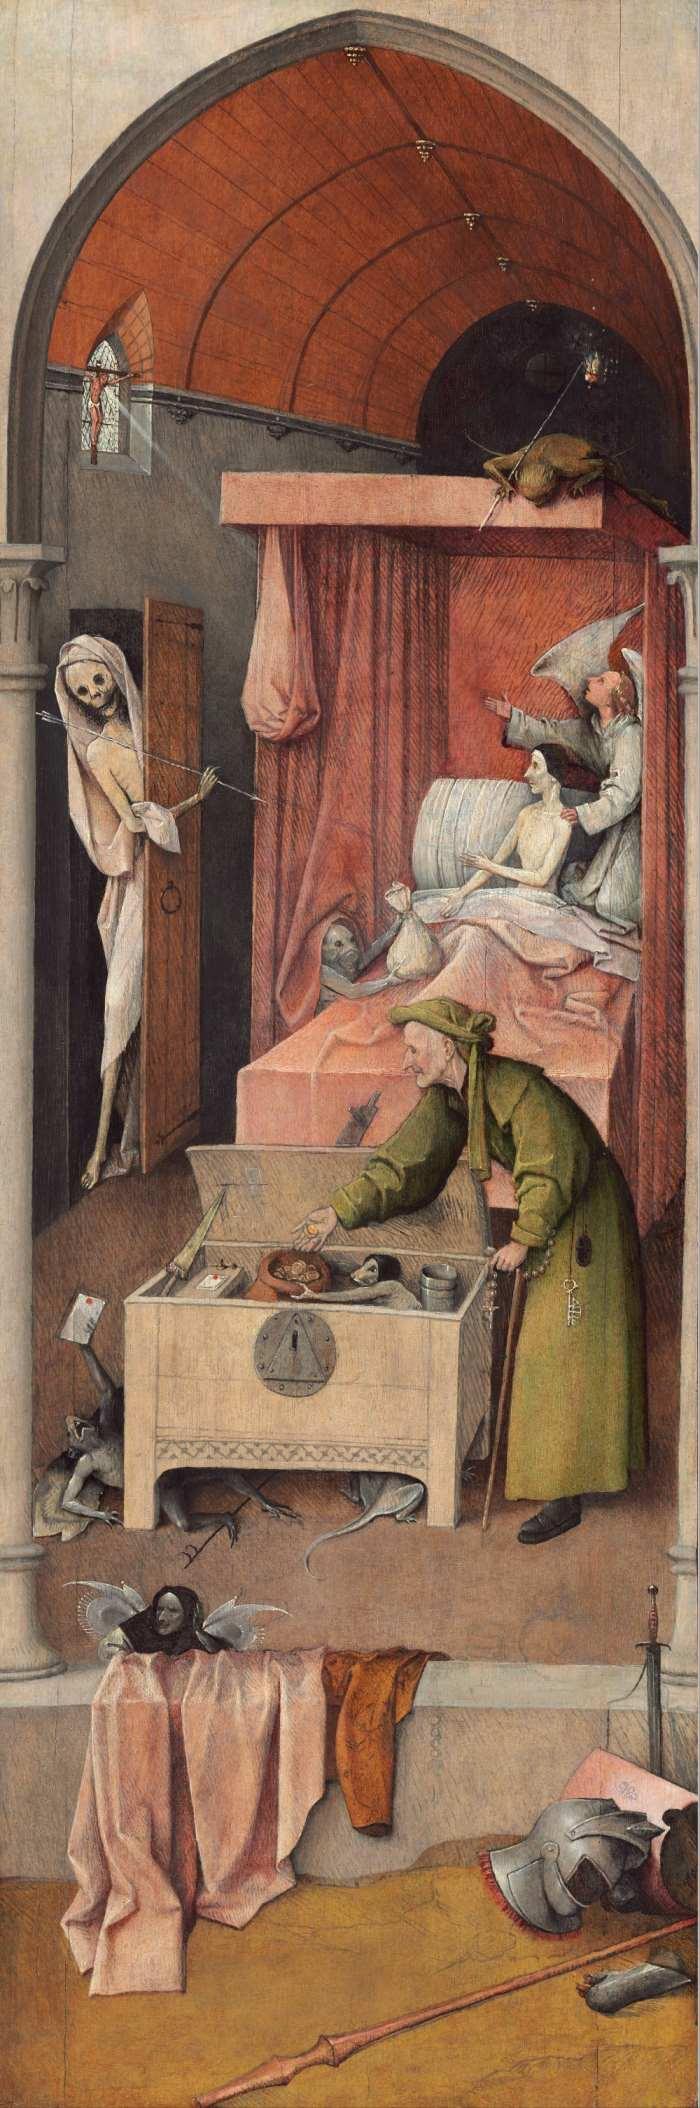 """Ngụ ngôn đạo đức trong bức """"Thần chết và kẻ bủn xỉn"""" - 1"""